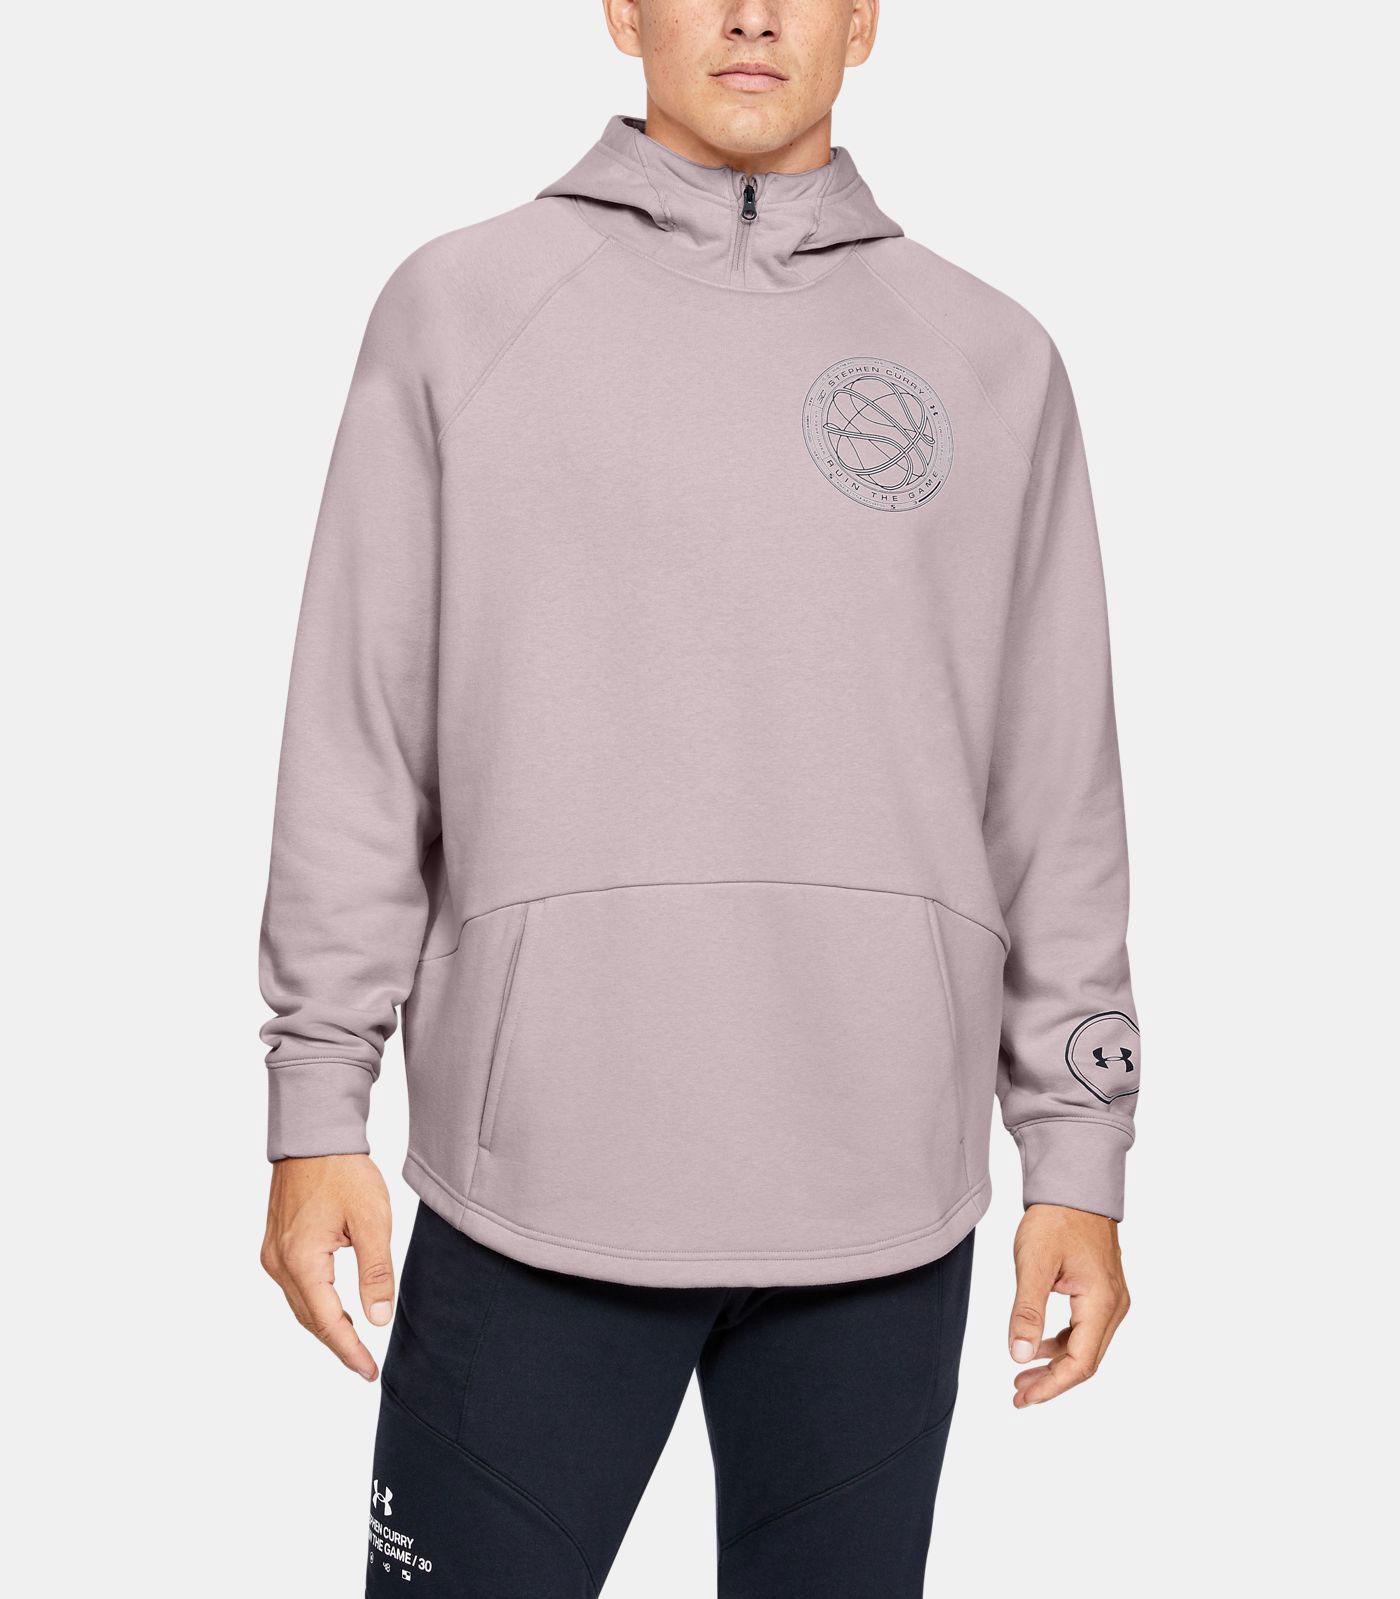 curry-7-hoodie-pink